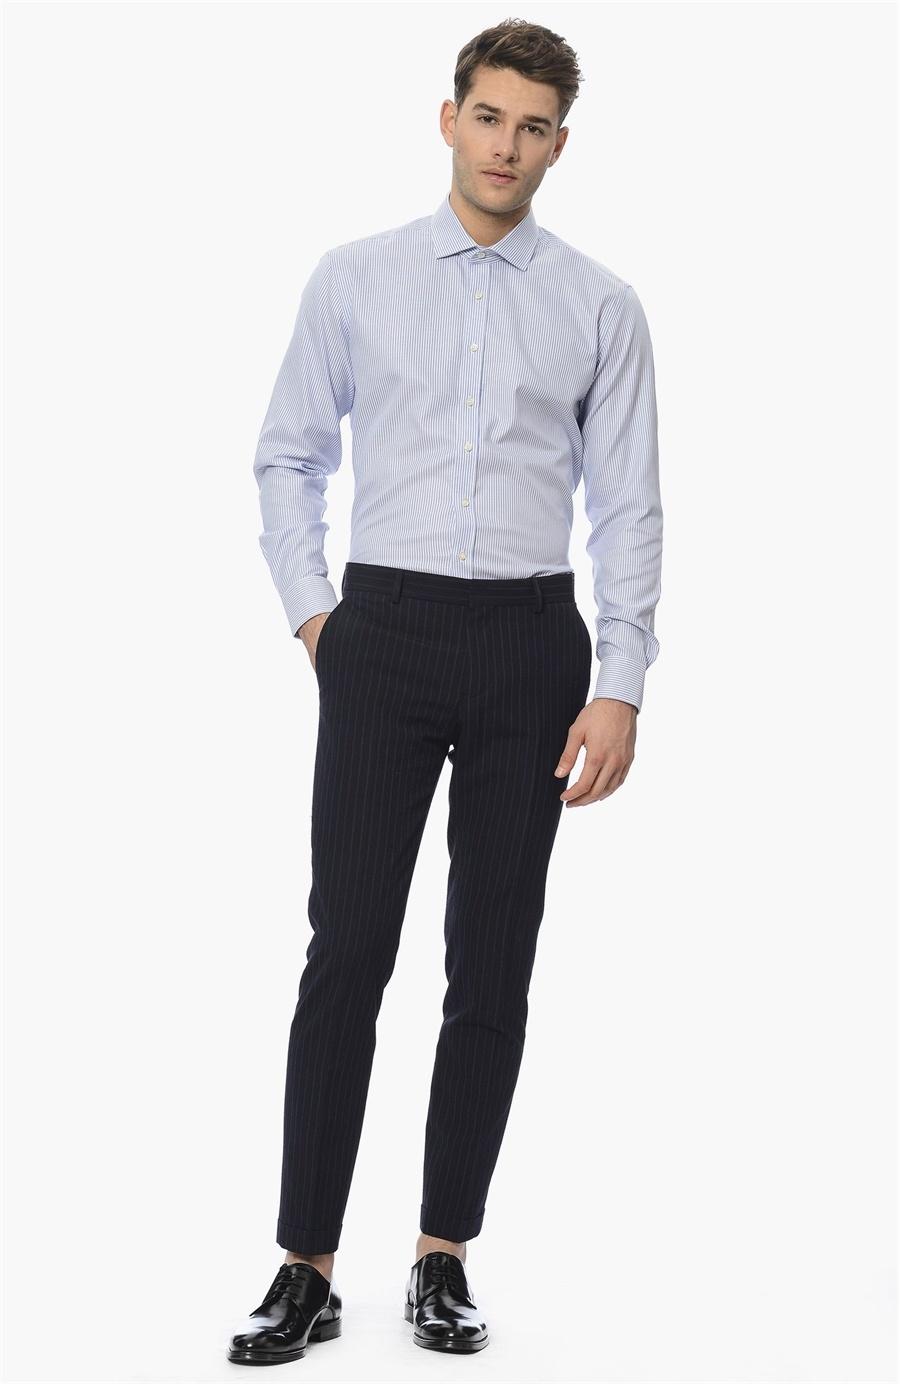 0133d830b9d6e Beyaz Lacivert Çizgili Gömlek - Renk Beyaz Lacivert - 75509